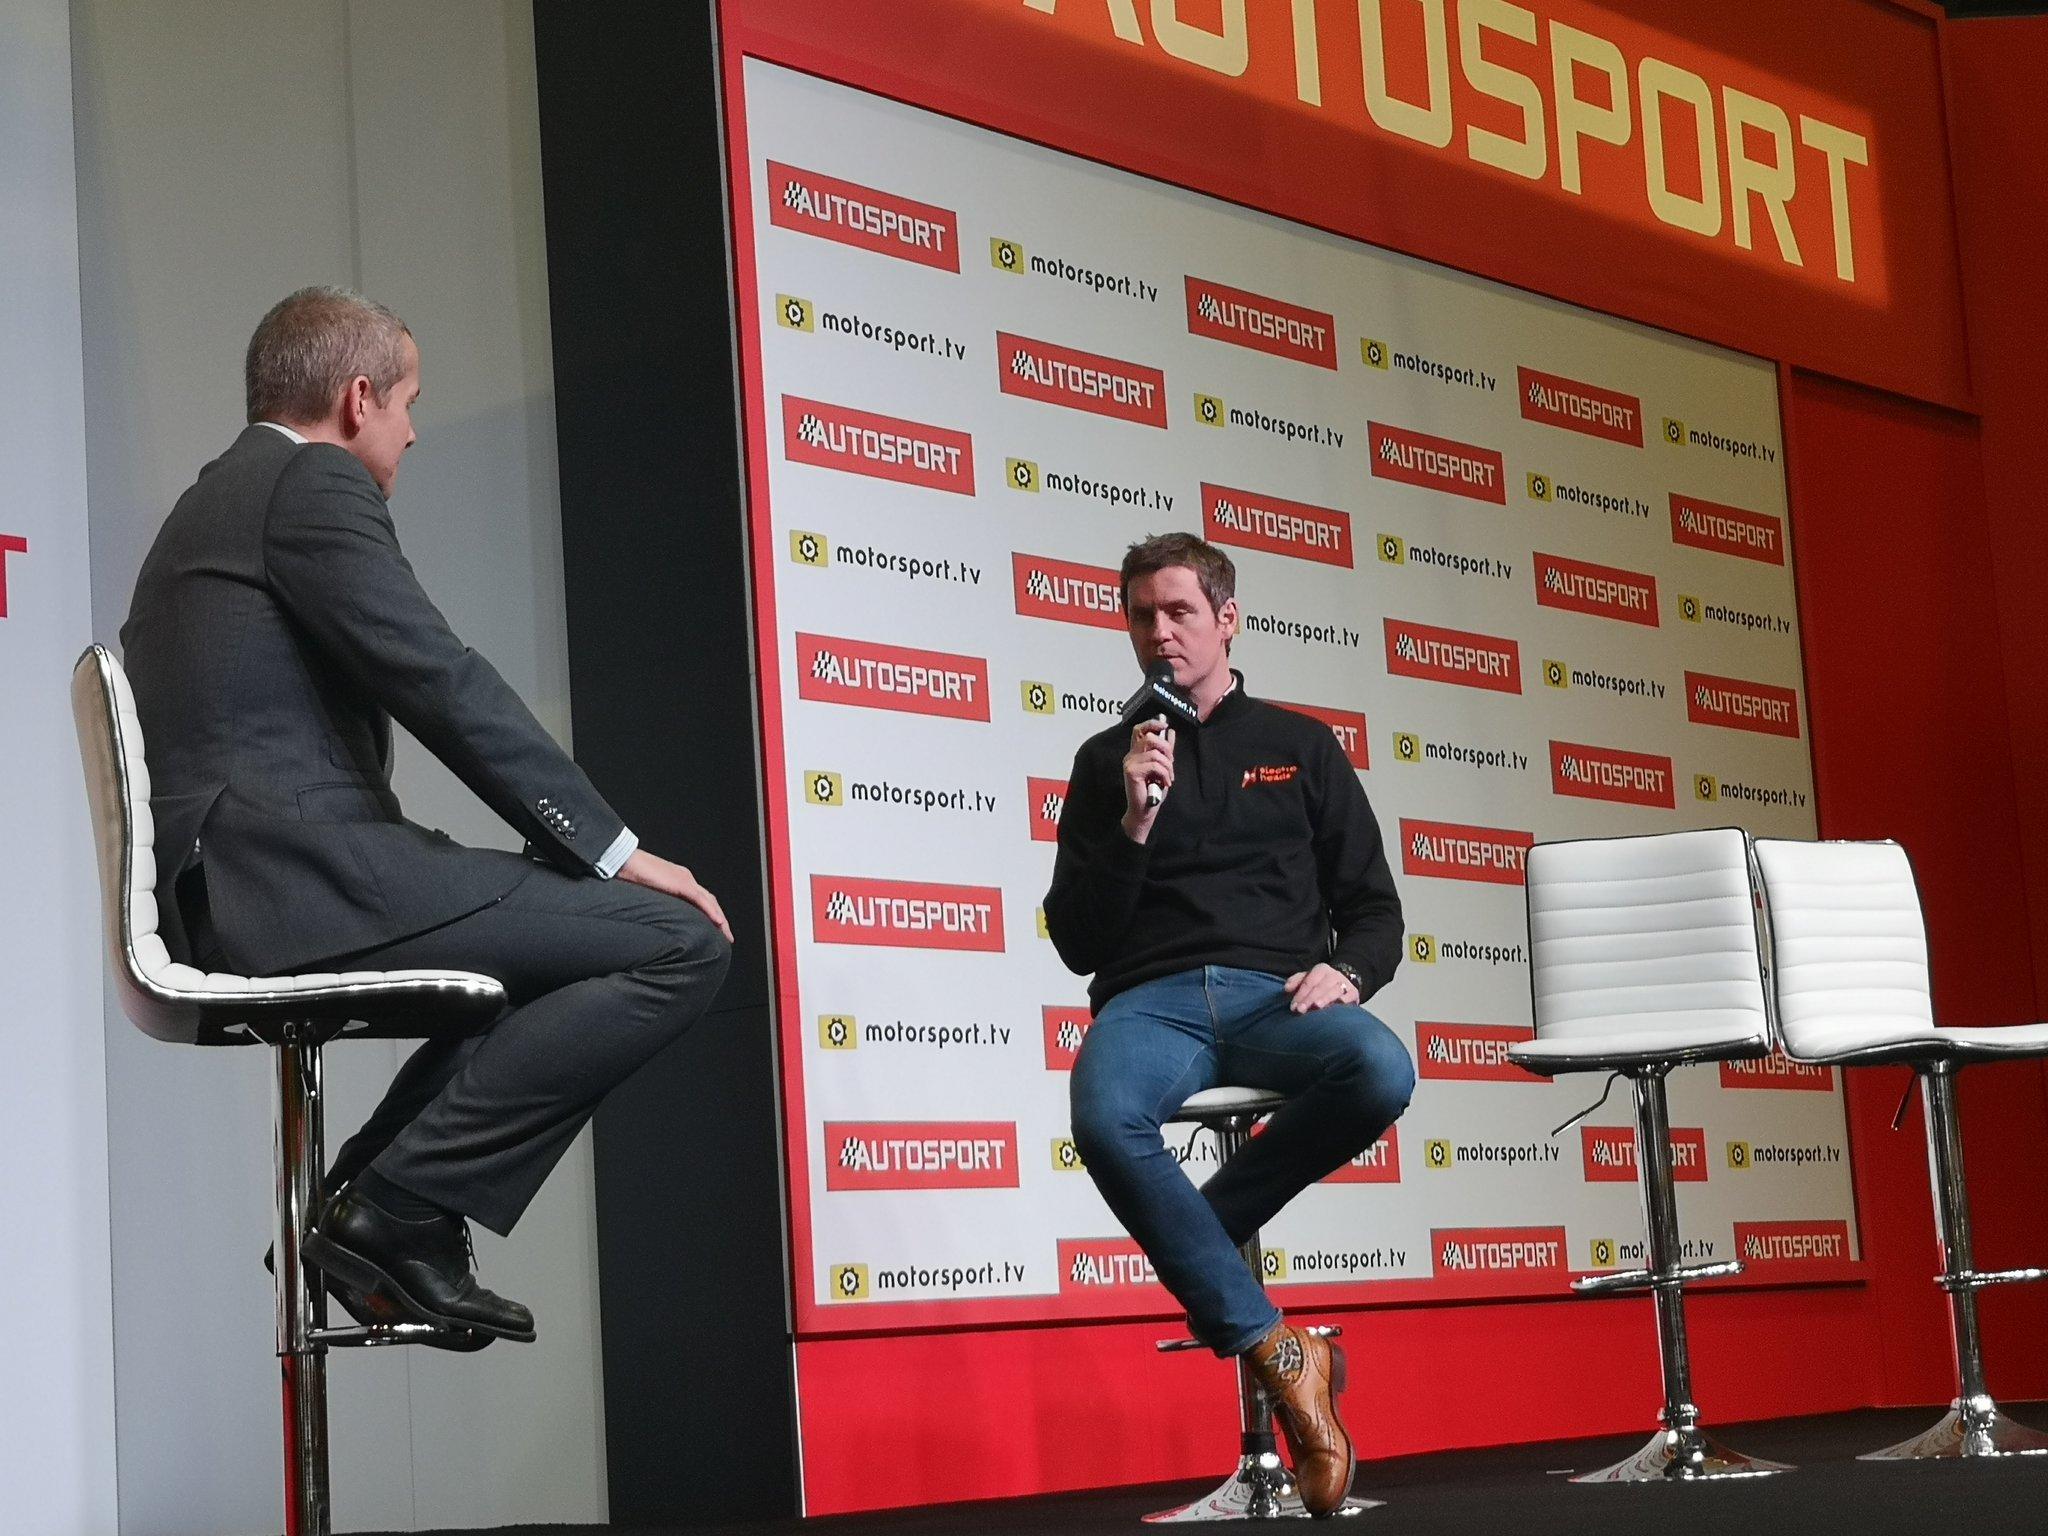 F1 Formula 1 Rob Smedley electric go karting Rob Smedley